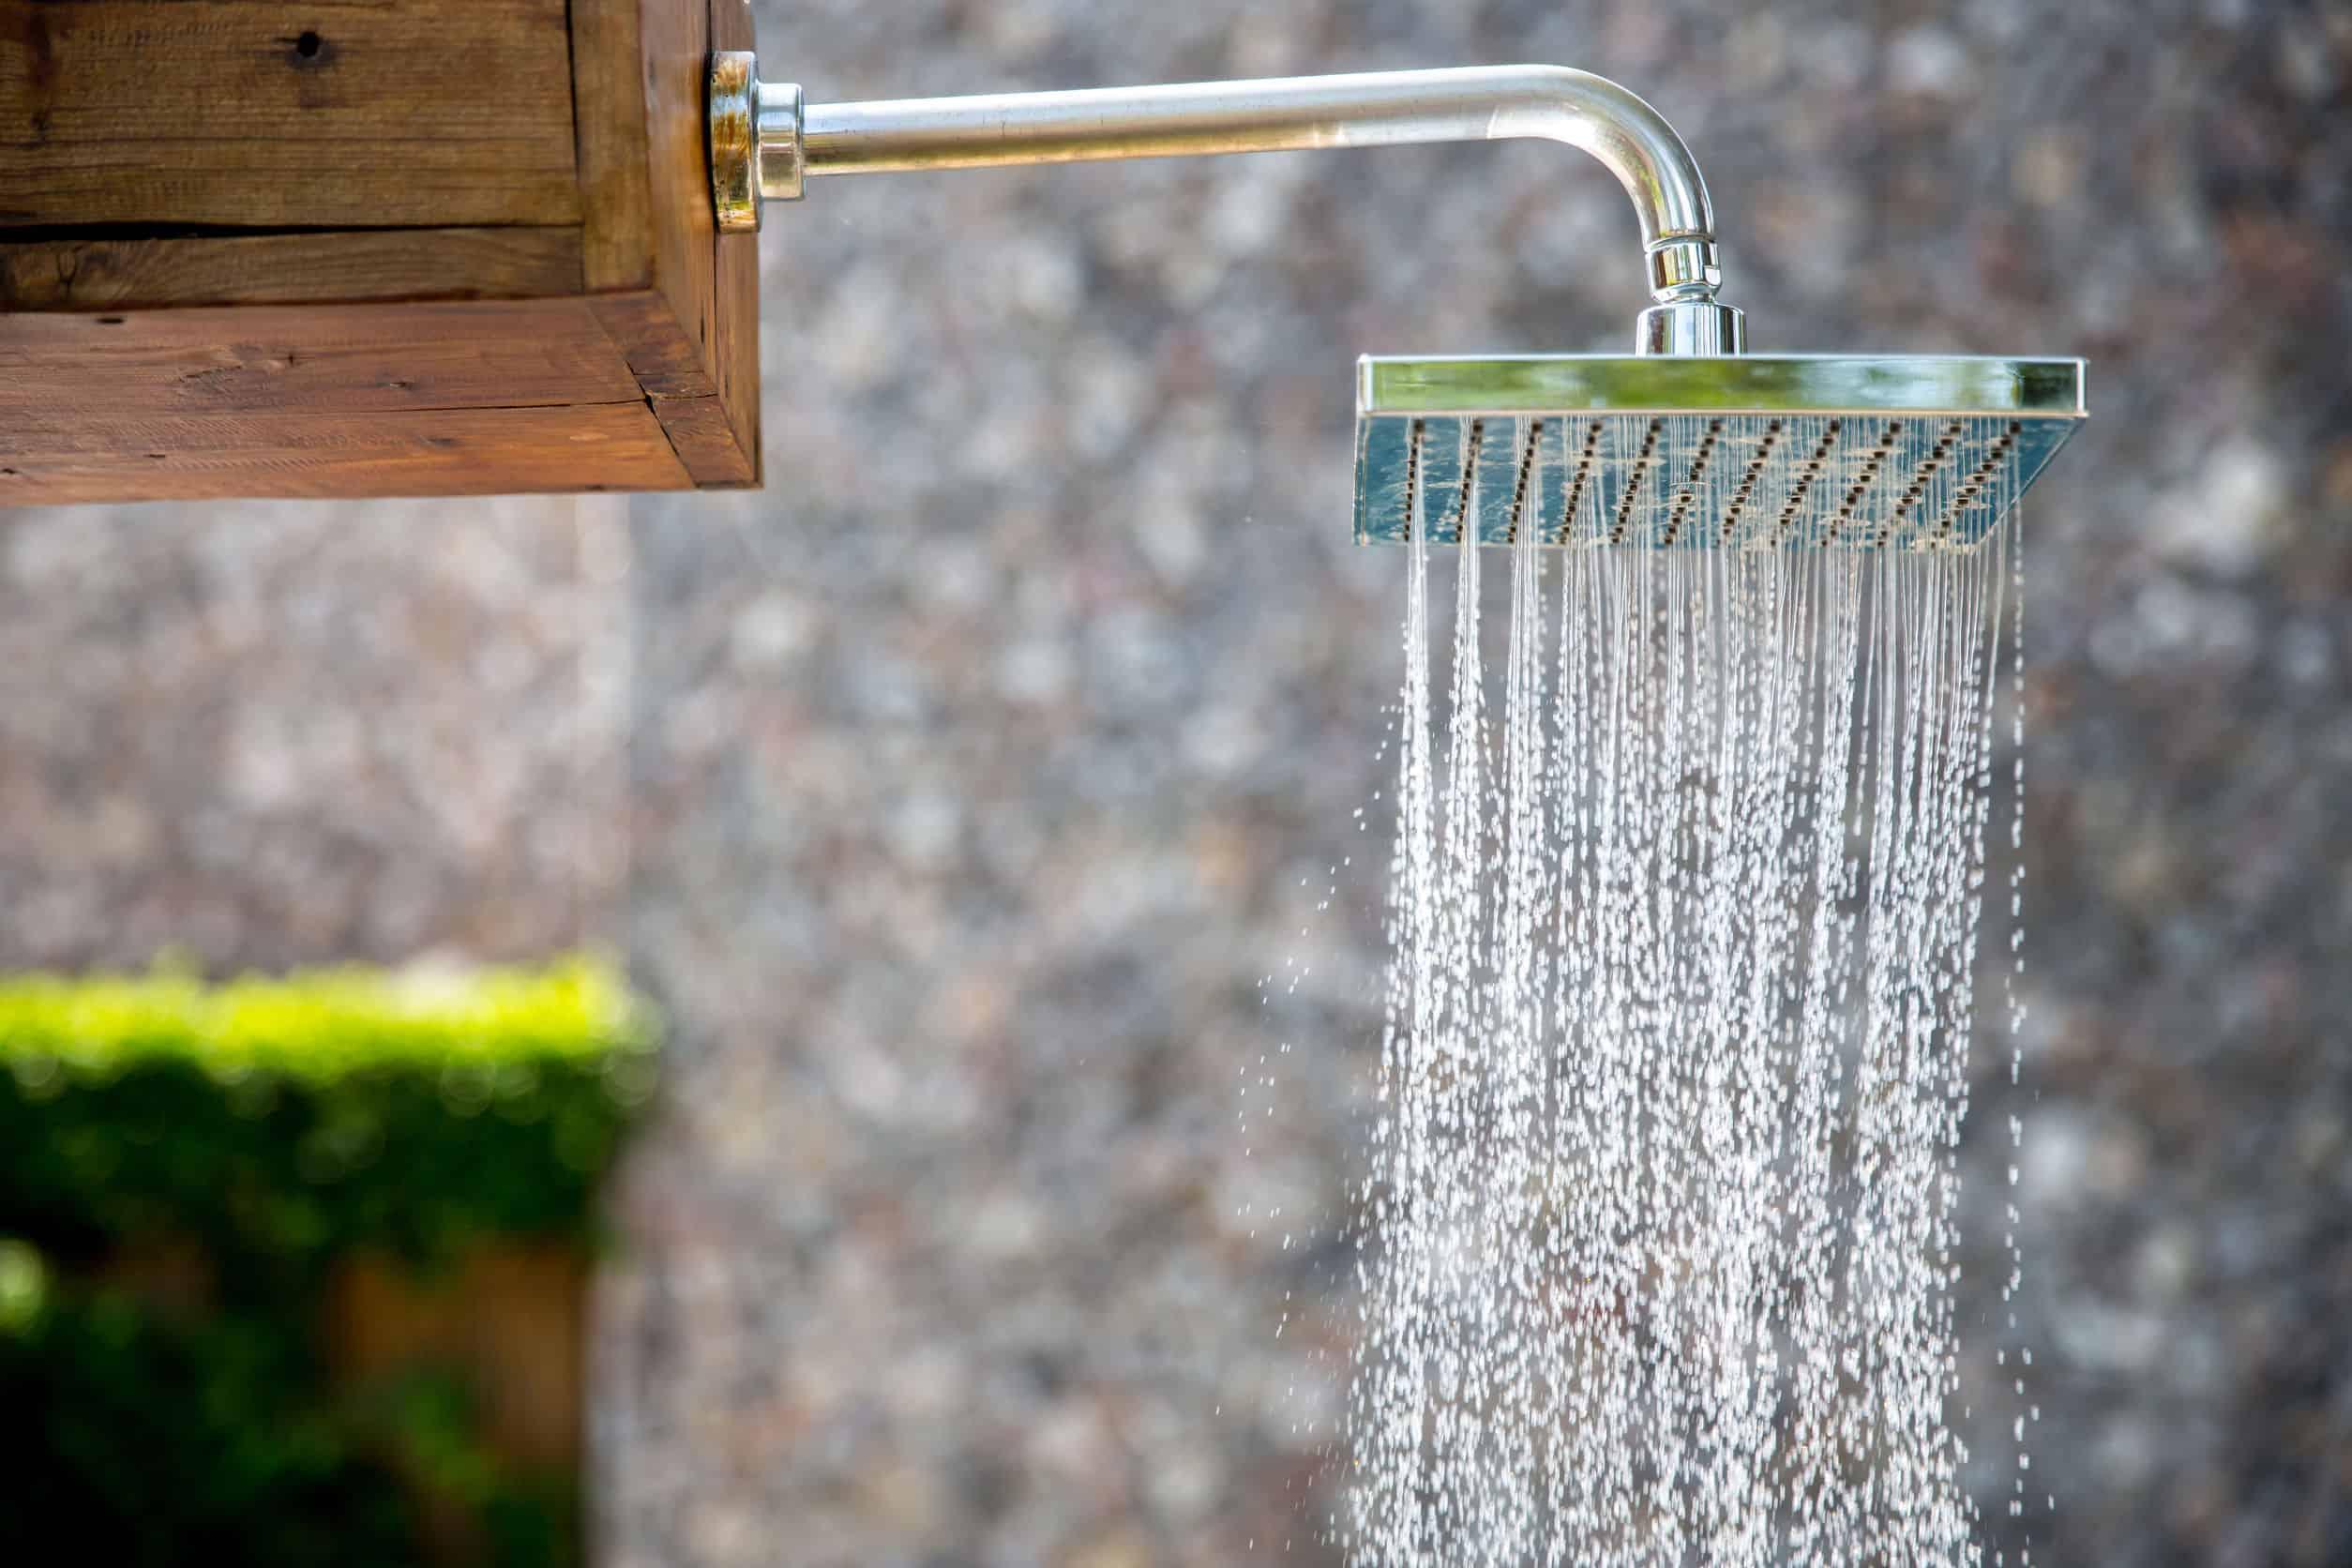 Full Size of Rainshower Dusche Regendusche Test Empfehlungen 04 20 Moderne Duschen Einhebelmischer Eckeinstieg Begehbare Badewanne Mit Tür Und Glastür 90x90 Thermostat Dusche Rainshower Dusche